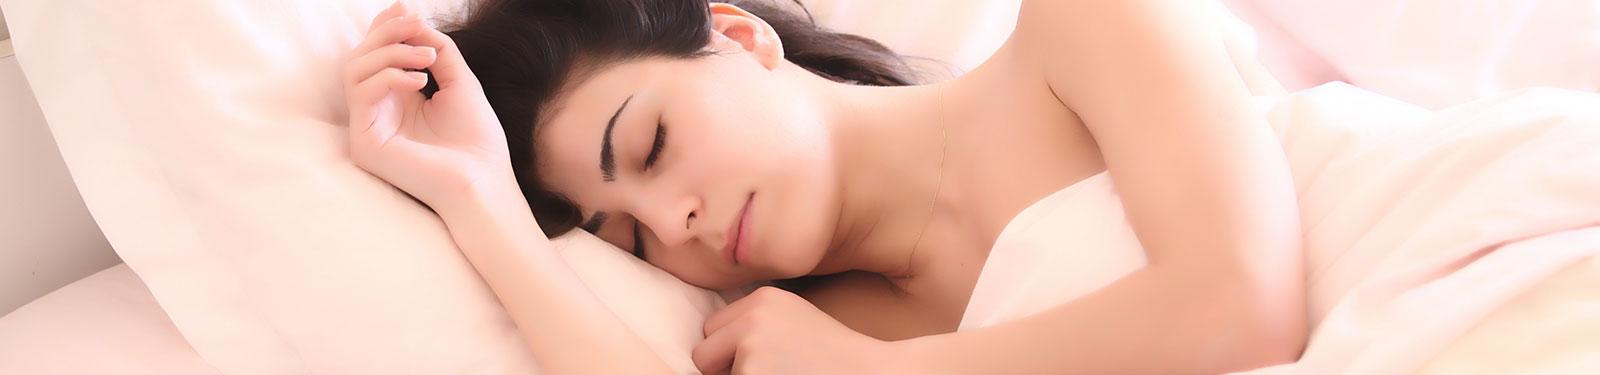 descansar poco afecta musculo